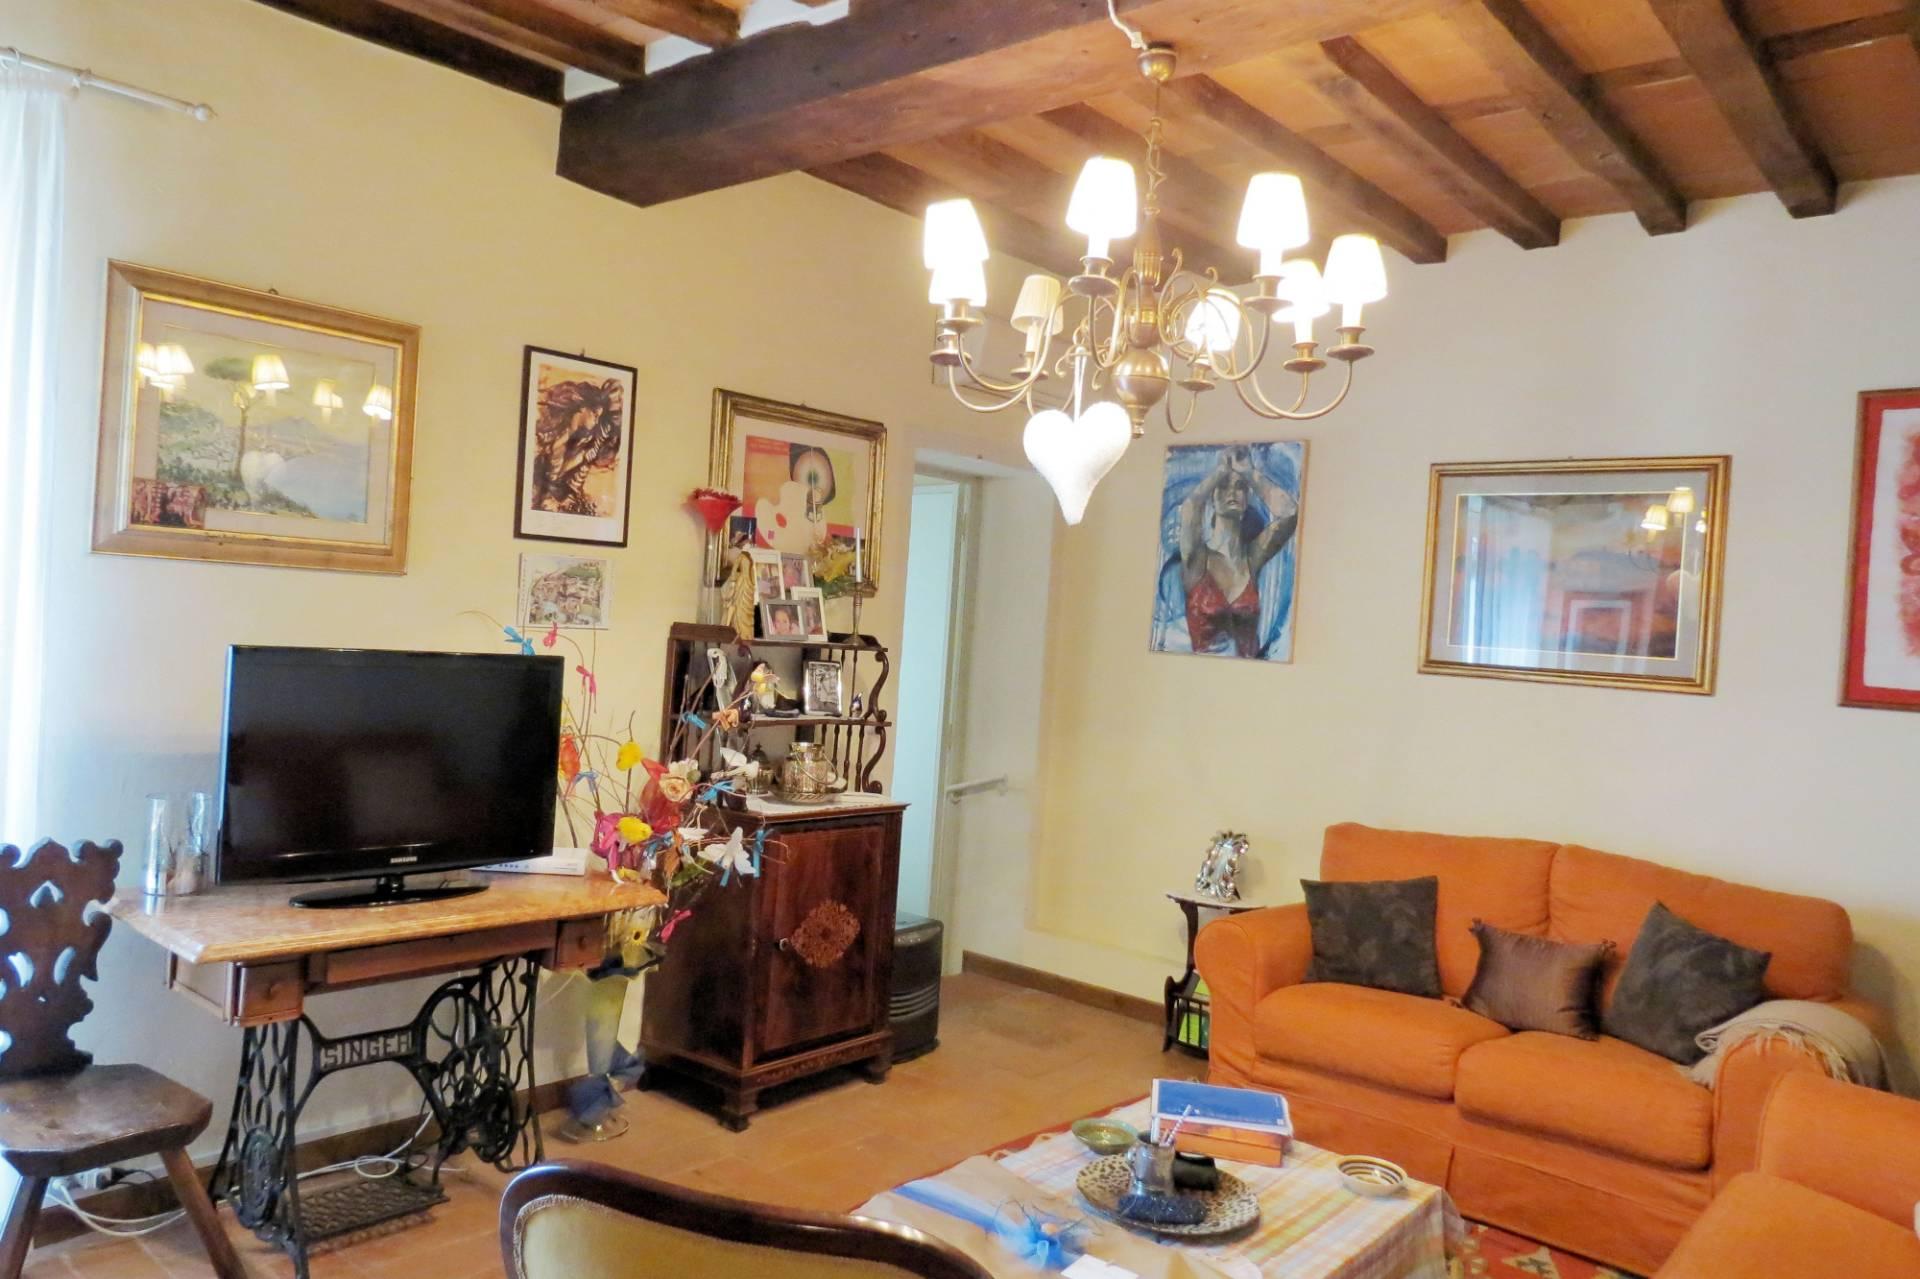 Appartamento in vendita a Pietrasanta, 5 locali, zona Località: CentroStorico, prezzo € 480.000 | PortaleAgenzieImmobiliari.it